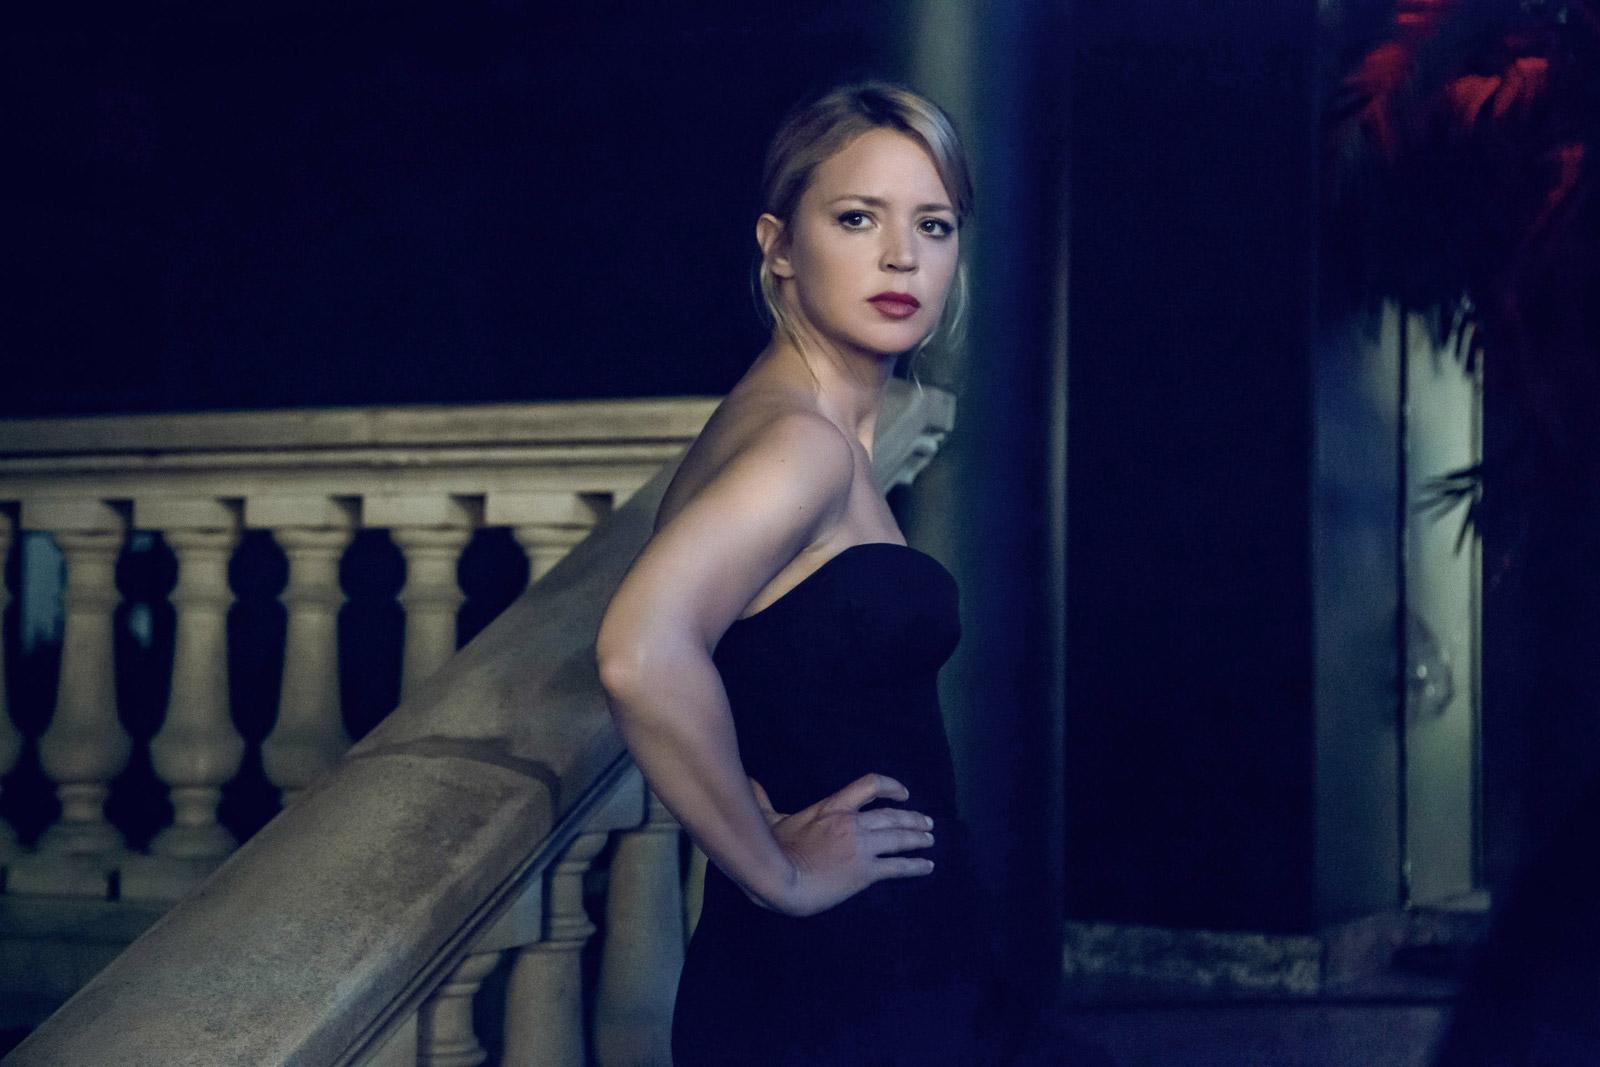 """Critique Cannes 2019 / """"Sibyl"""" (2019) de Justine Triet 1 image"""